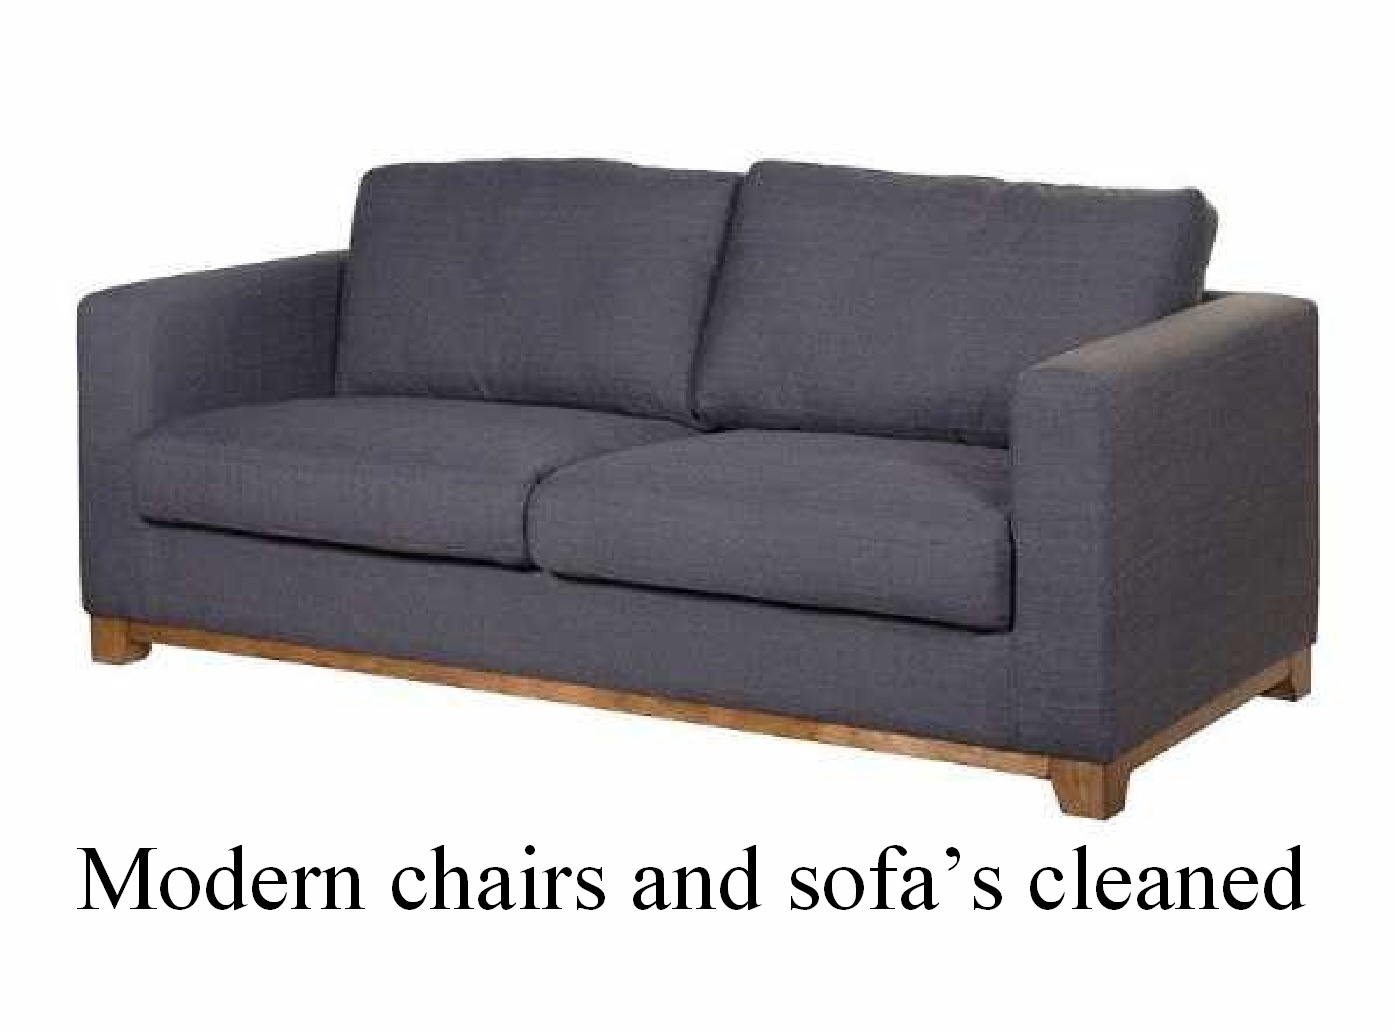 modern upholstery cleaned